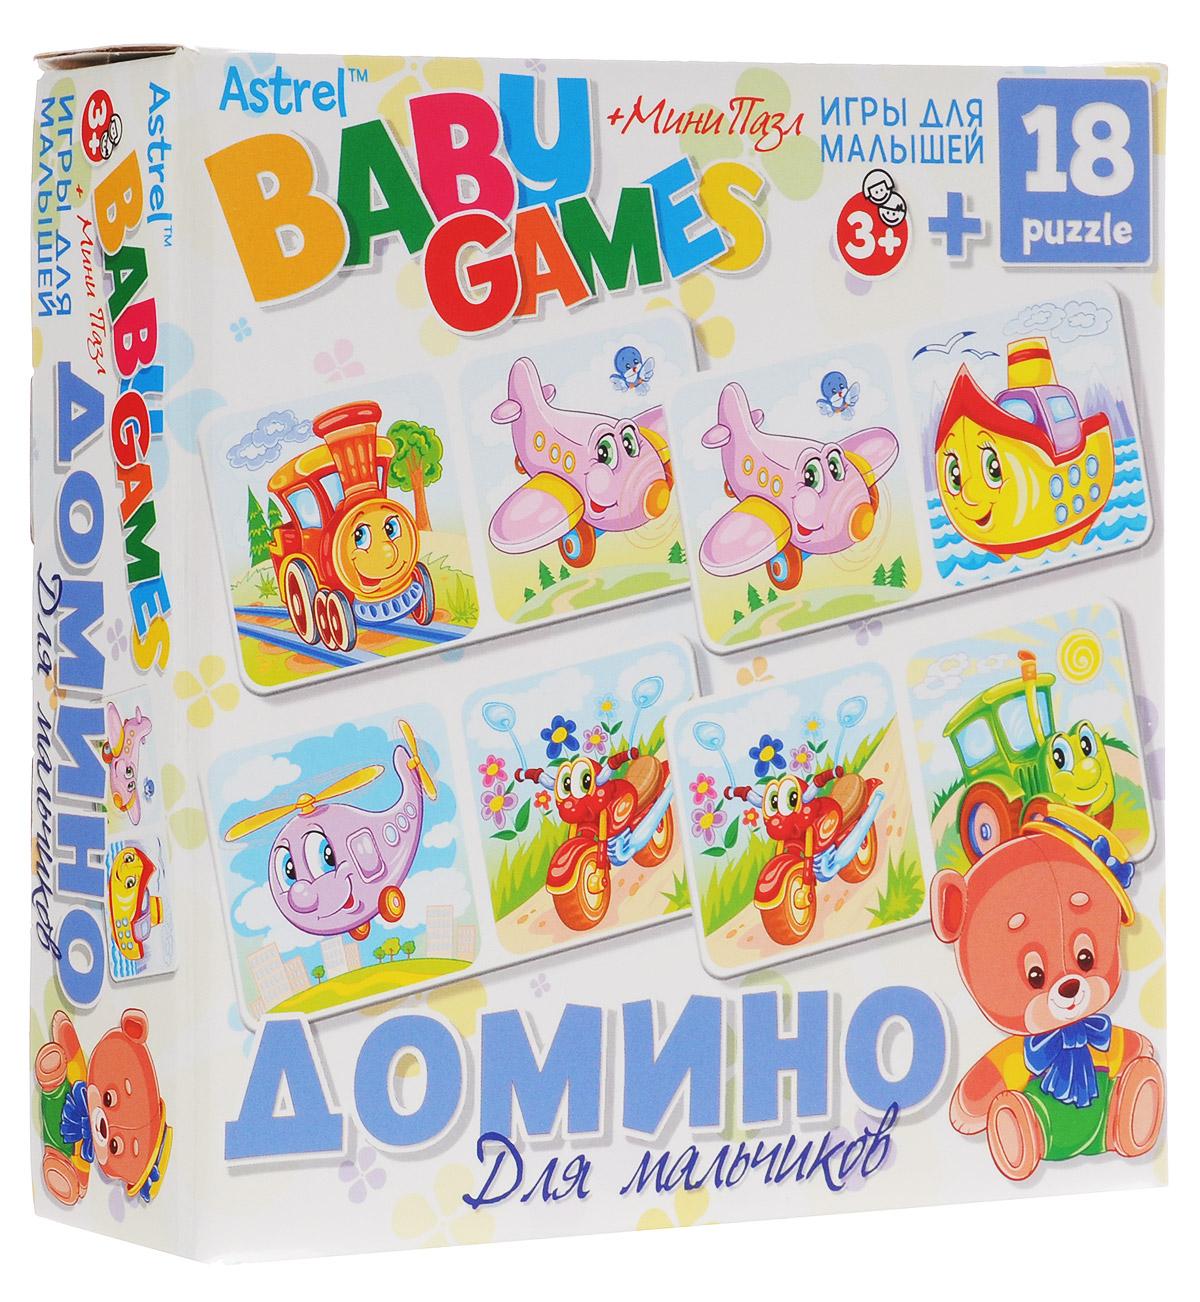 Оригами Домино для мальчиков + пазл6304Домино для мальчиков Оригами позволит вам и вашему малышу весело и с пользой провести время. Комплект игры включает в себя 28 фишек с красочными изображениями забавных транспортных средств. Фишки выполнены из безопасного материала. Каждый игрок должен добавить в цепочку из фишек одну их своих фишек так, чтобы изображение на ней подошло к изображению на конце цепи. Если в руках у игрока нет подходящей фишки, он берет дополнительные до тех пор, пока не попадется нужная. Выигрывает тот, кто первым выложит все свои фишки. Игра в домино не только подарит малышу множество веселых мгновений, но и поможет познакомиться с новыми словами, а также развить внимательность, пространственное мышление и мелкую моторику. Кроме того, в набор входит пазл, состоящий из 18 элементов. Собрав пазл, ребенок получит картинку с изображением паровозика, вертолета и двух машинок. Собирание пазла развивает у ребенка мелкую моторику рук, тренирует наблюдательность, логическое мышление, знакомит с...